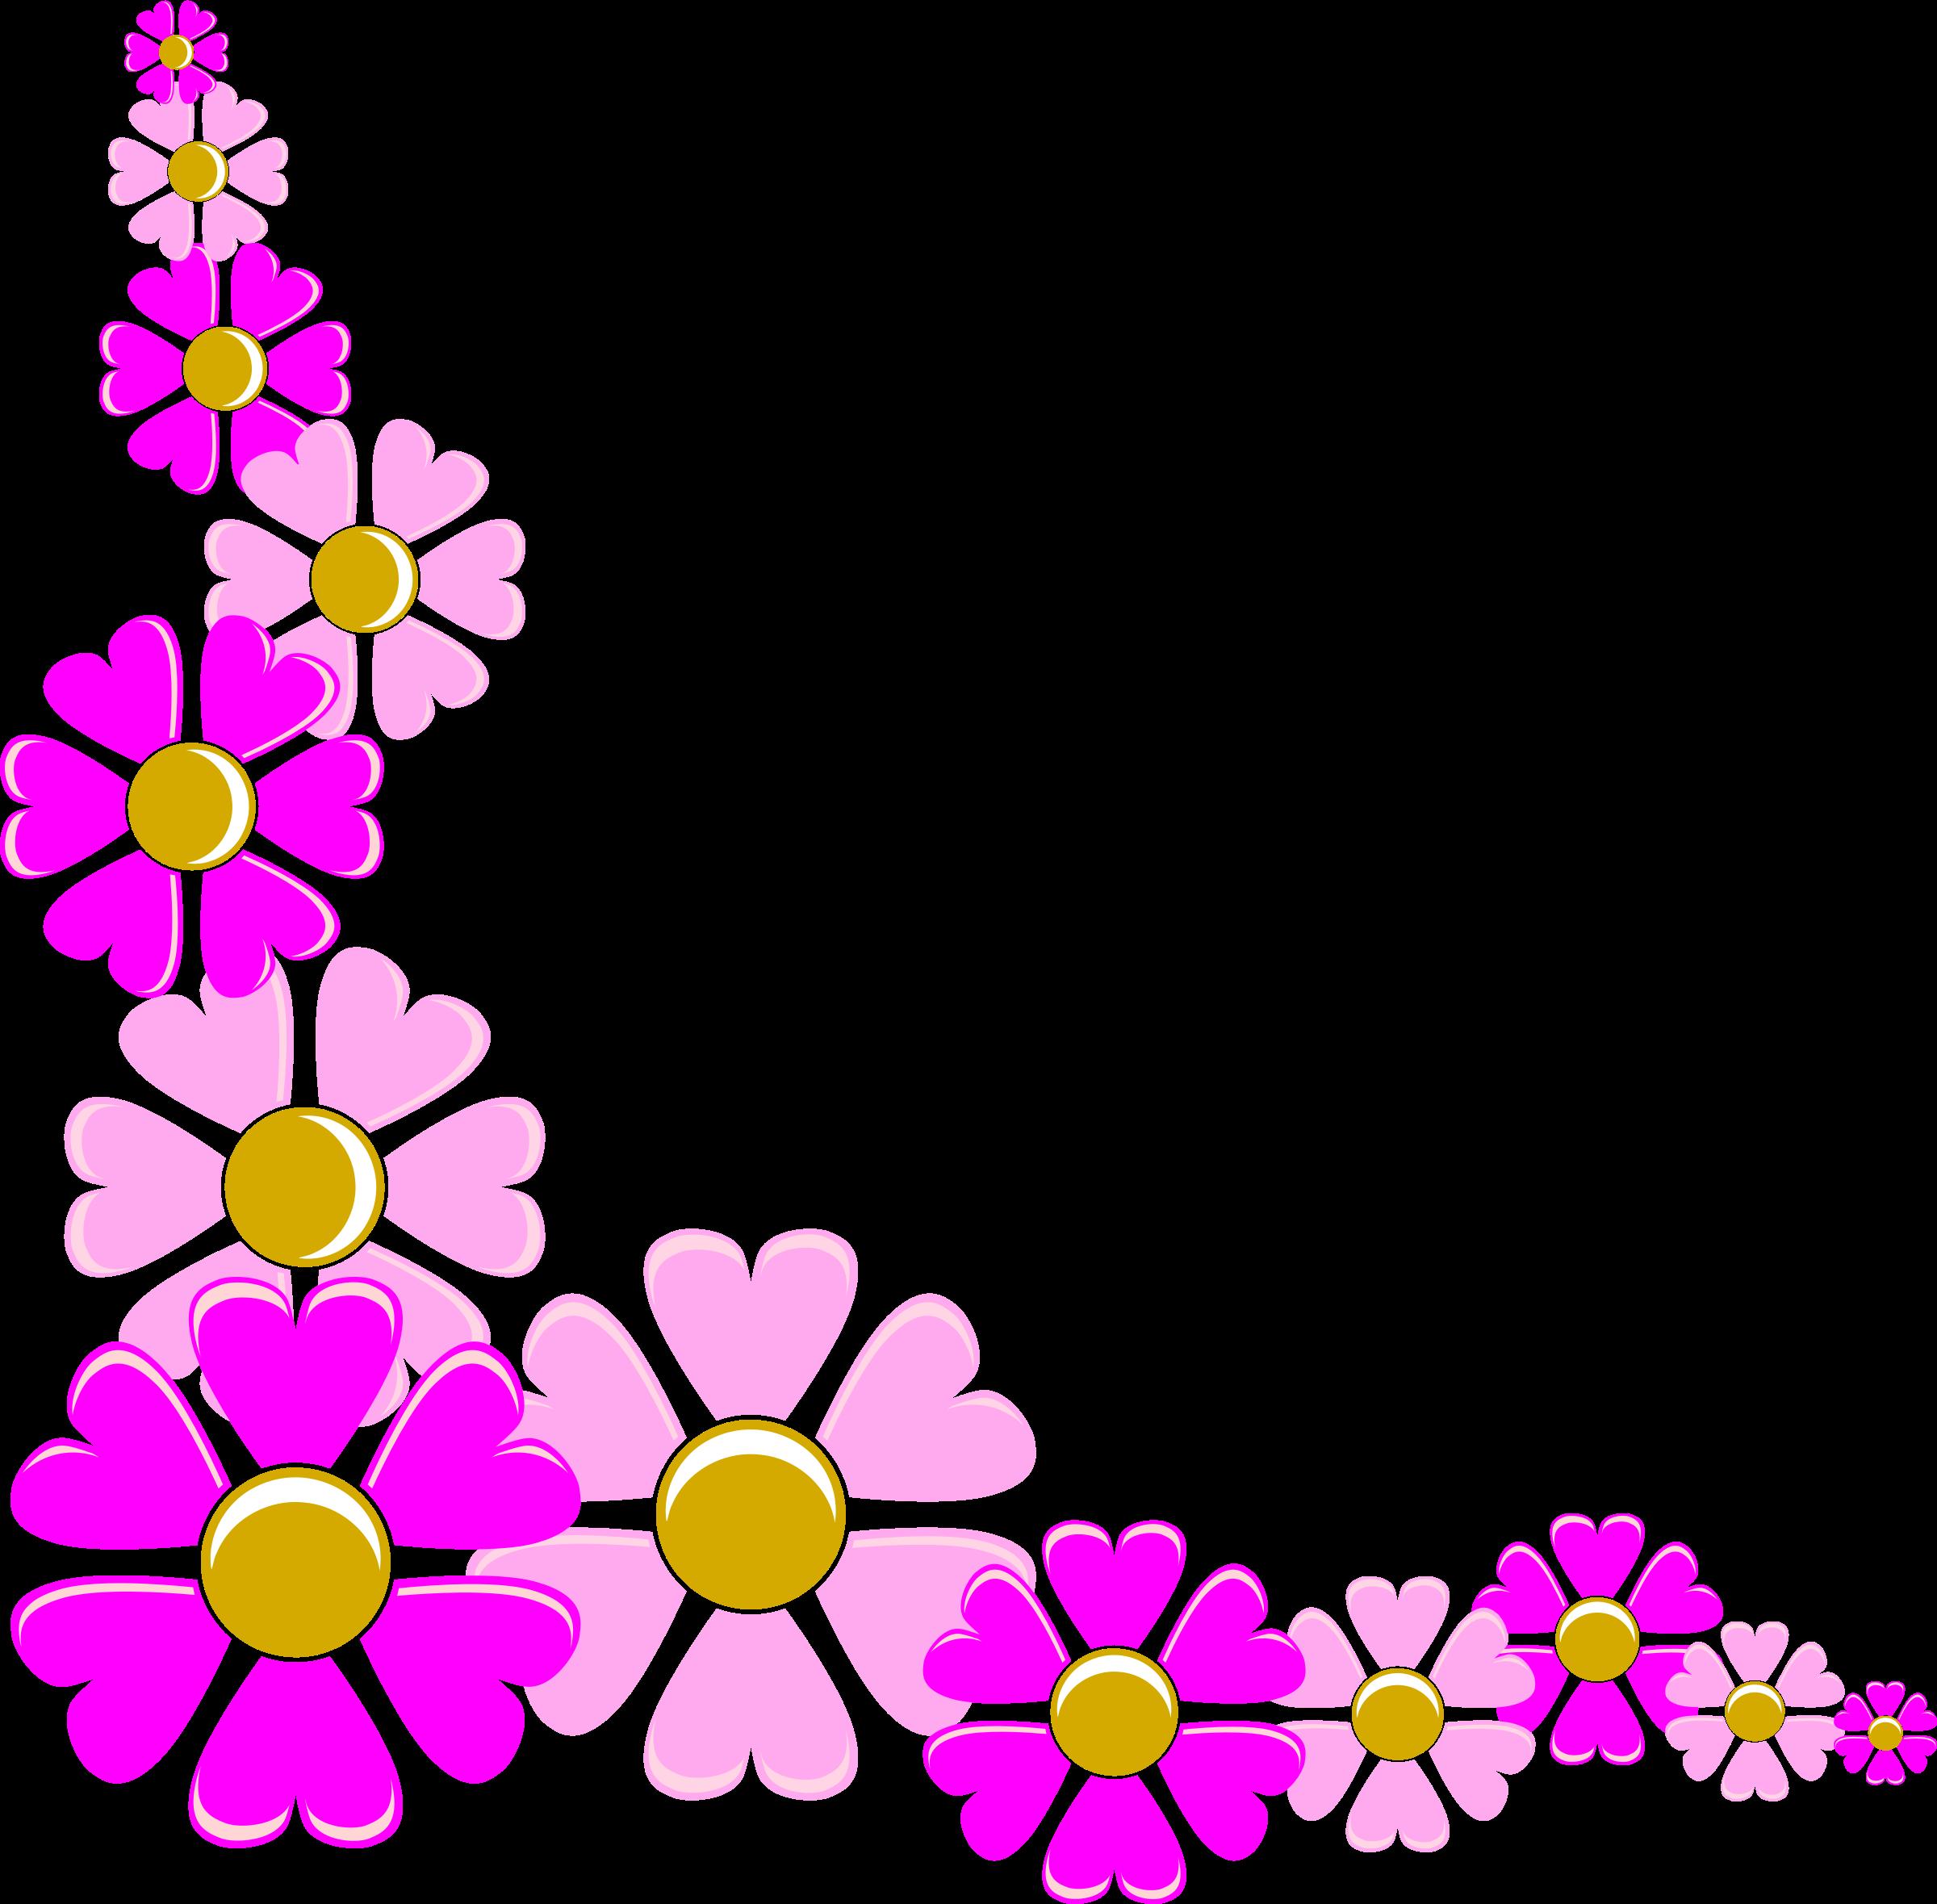 Floral clipart boho. Pink flower corner big